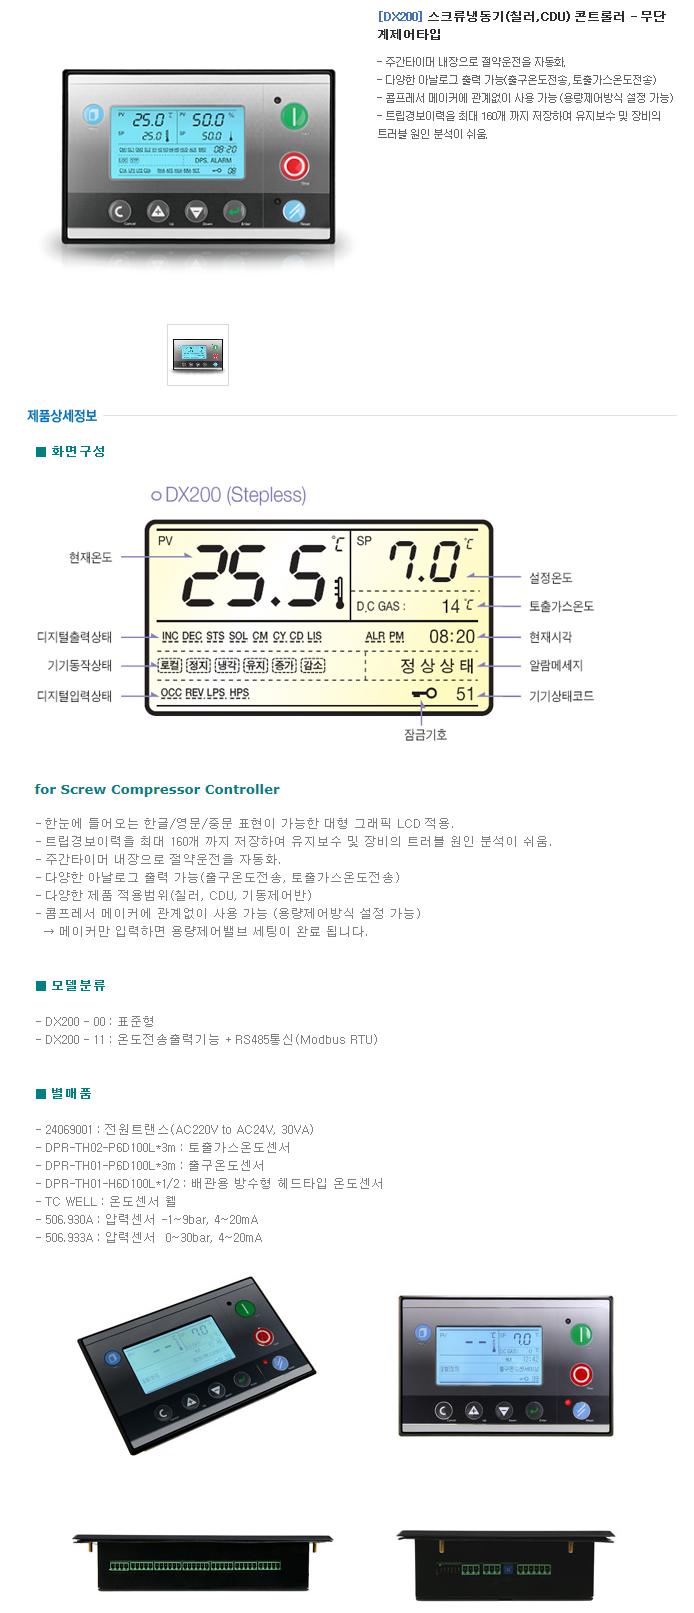 (주)두텍 스크류냉동기  6